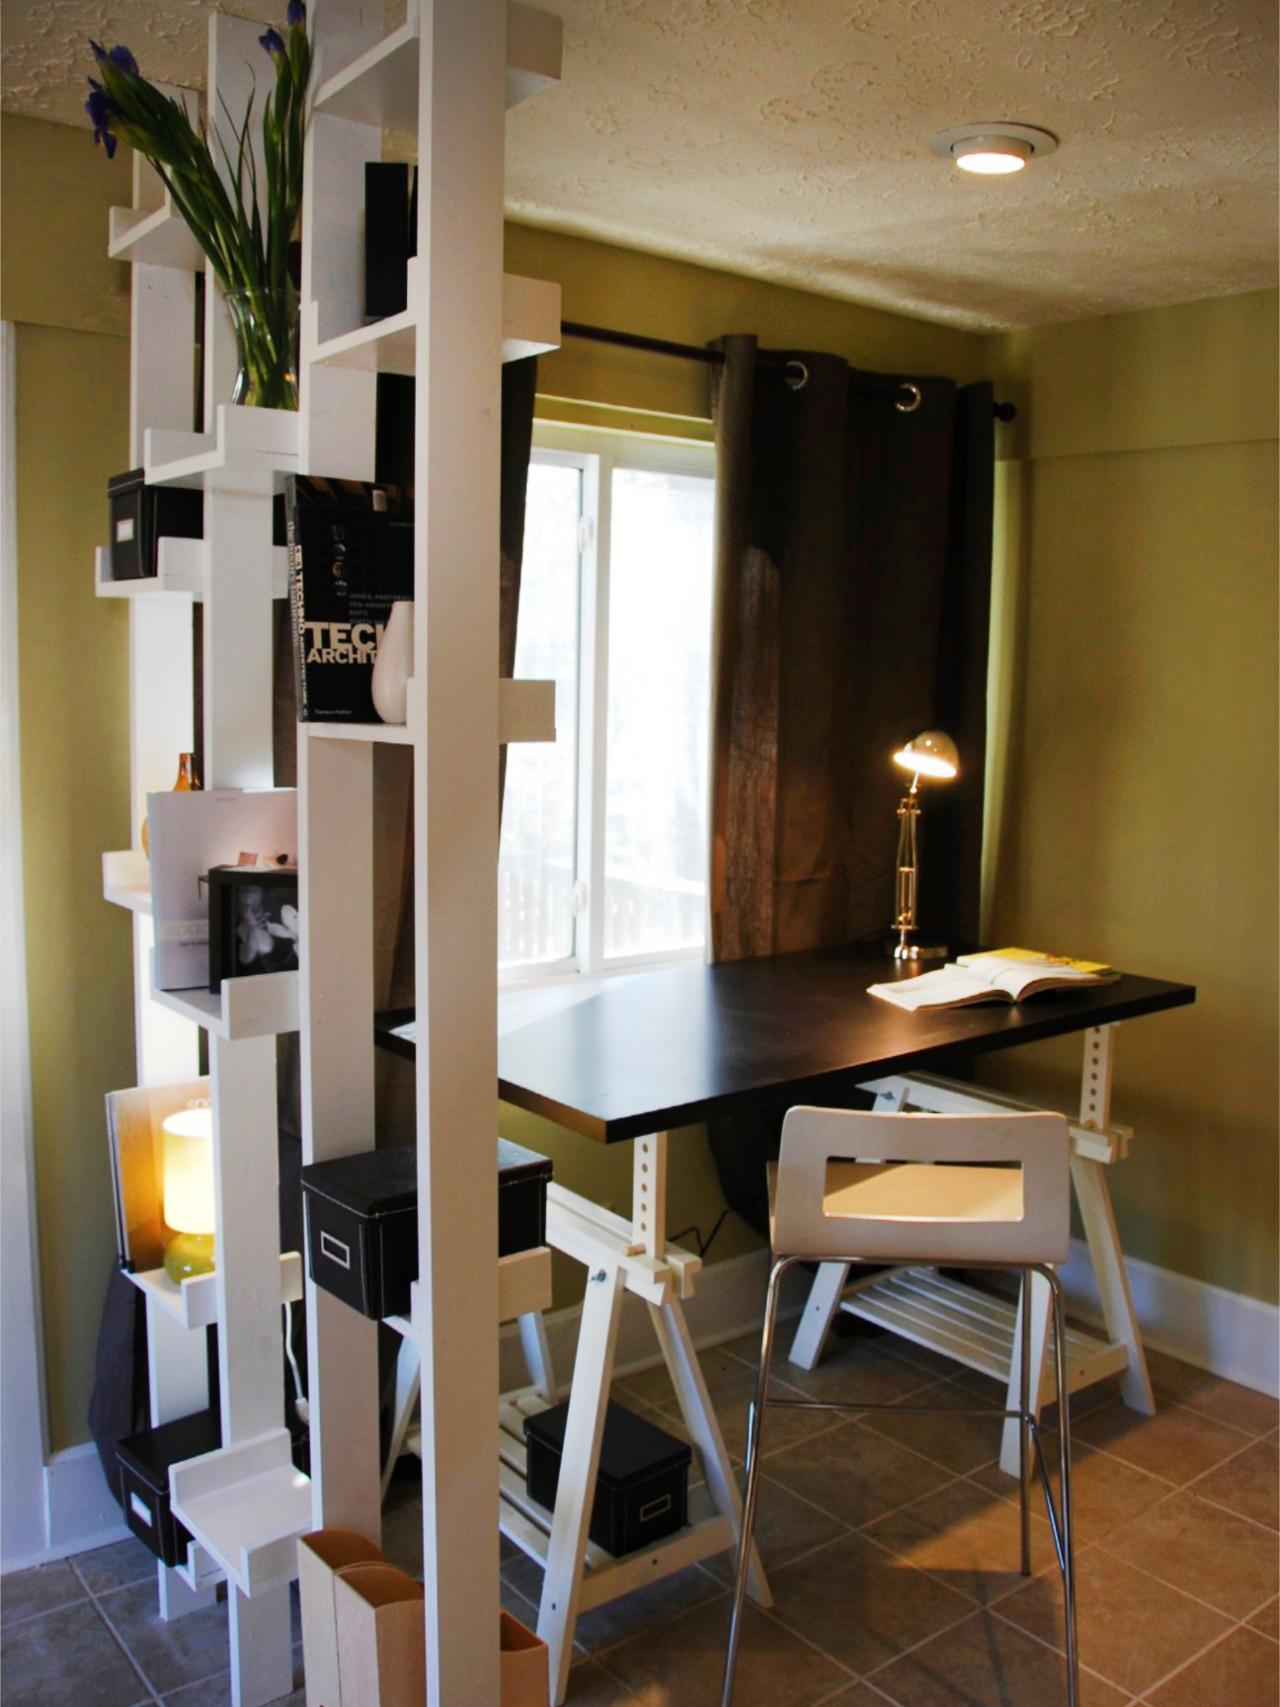 ideas decoracion pisos pequeños poco espacio separar cuartos estanteria abierta